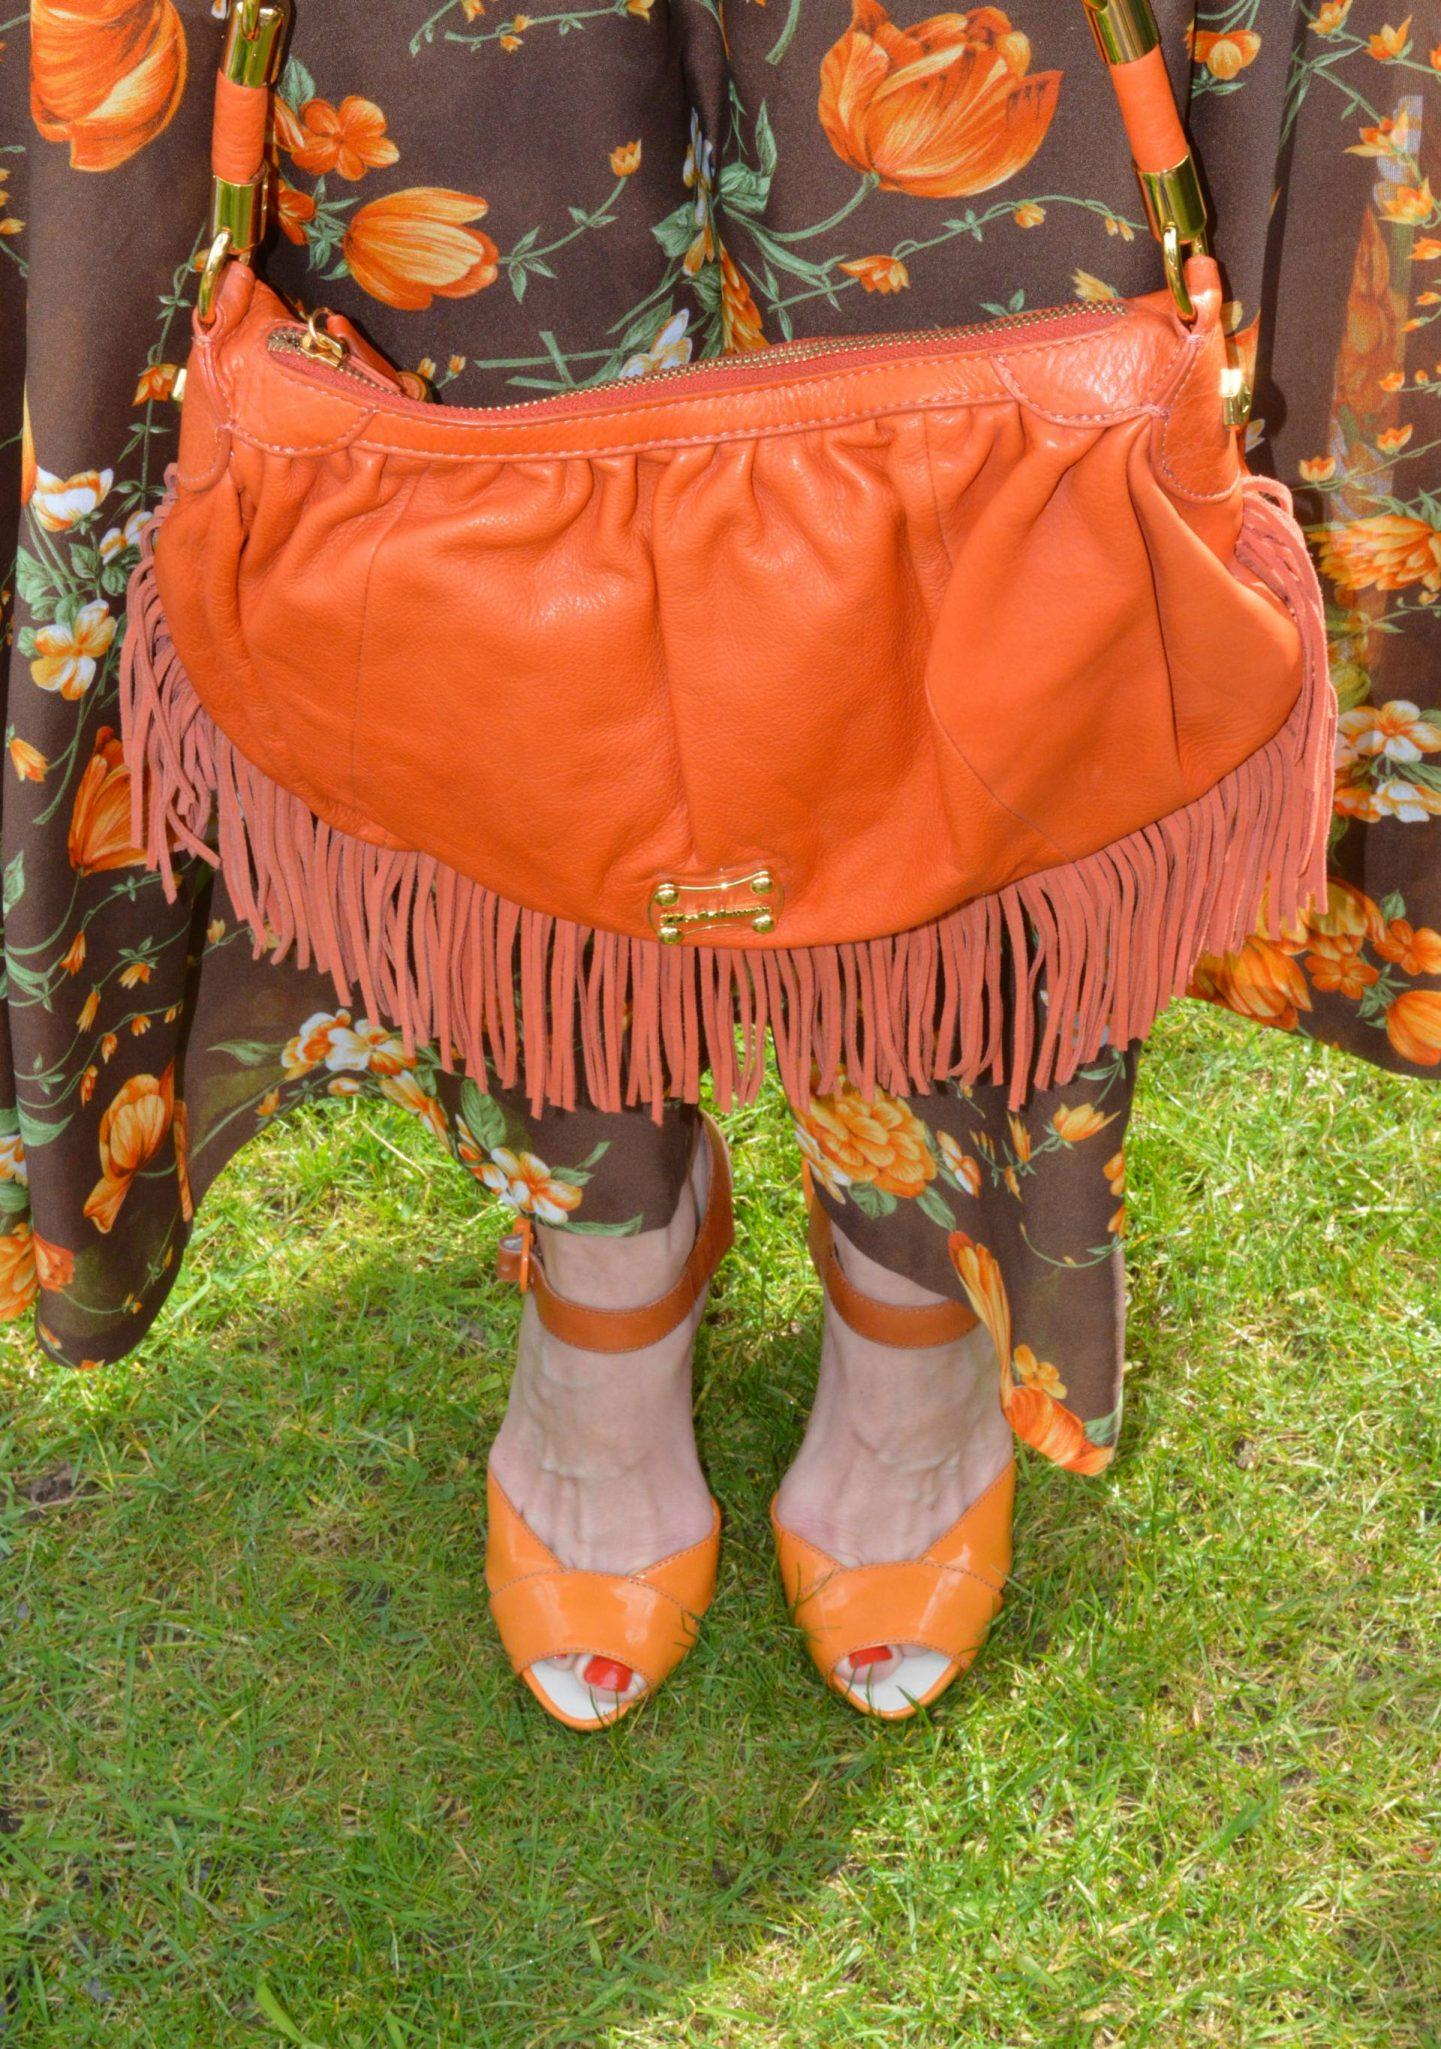 Modalu orange fringed bag, Miss Sixty orange sandals